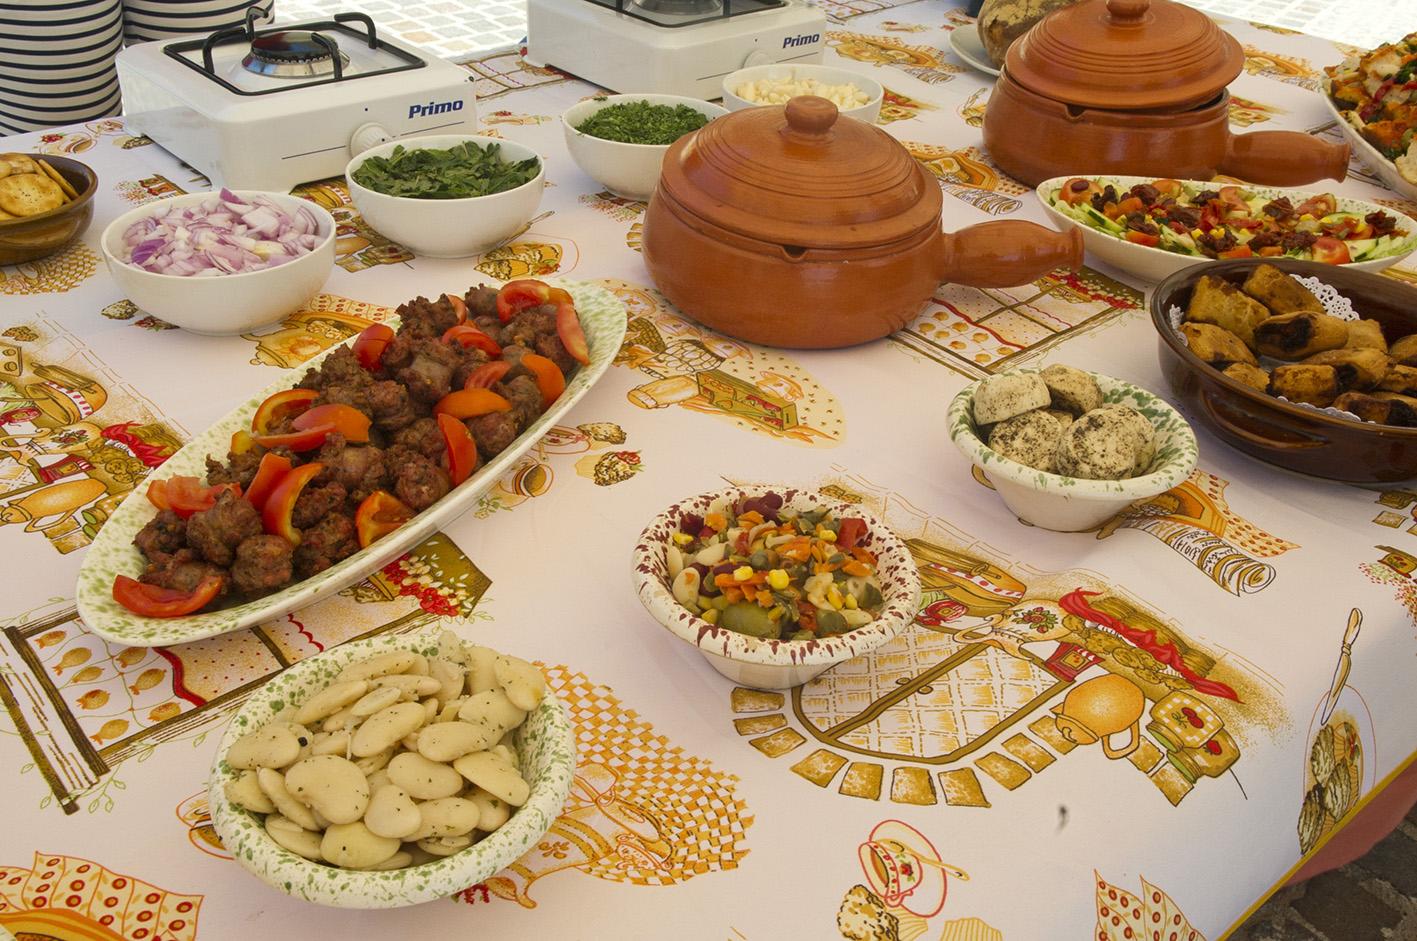 Op deze foto zie je eten uit Malta